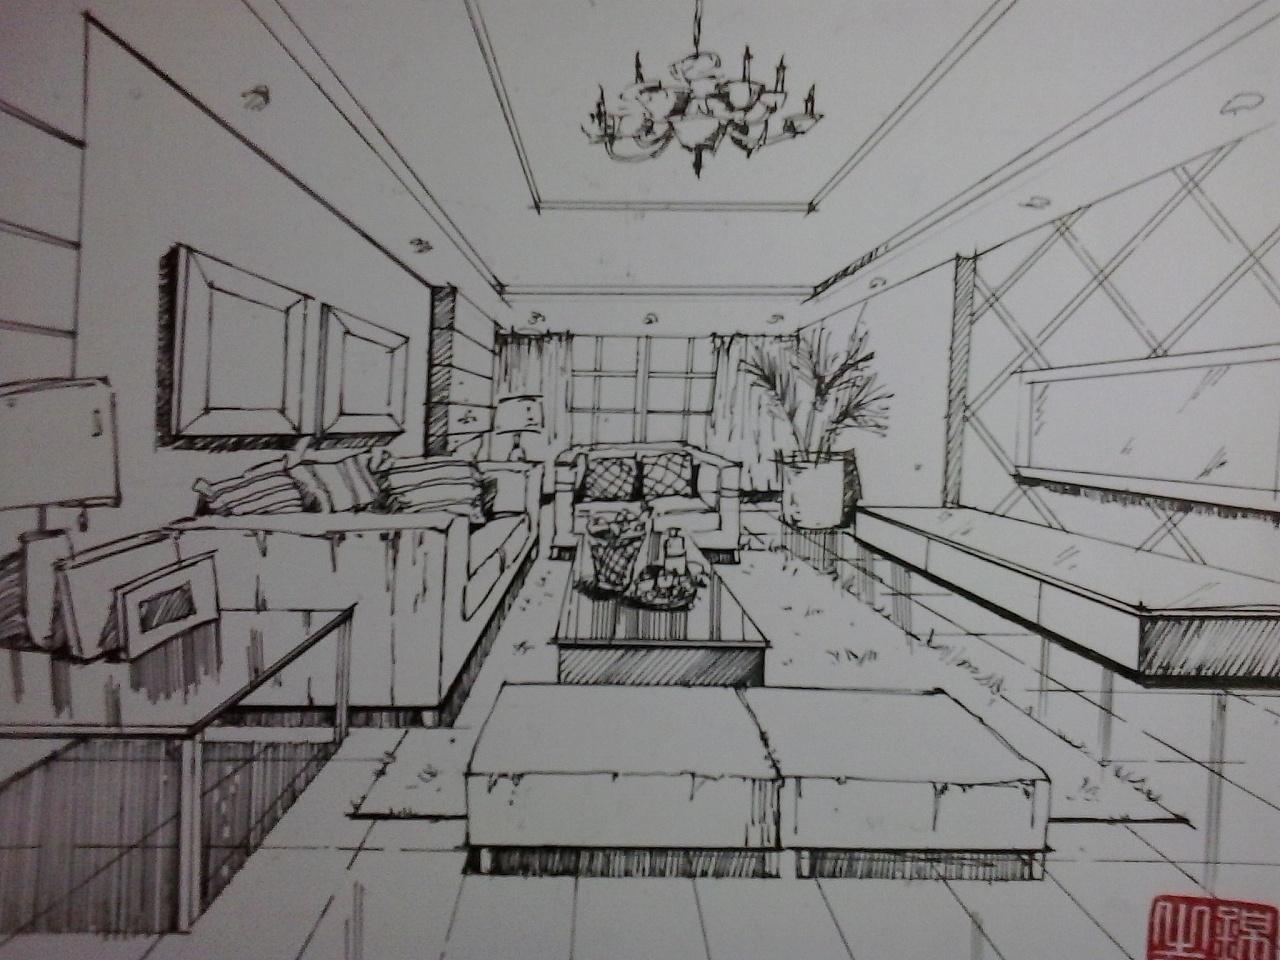 手绘线稿,草图|空间|室内设计|听凉冬风寒 - 原创作品